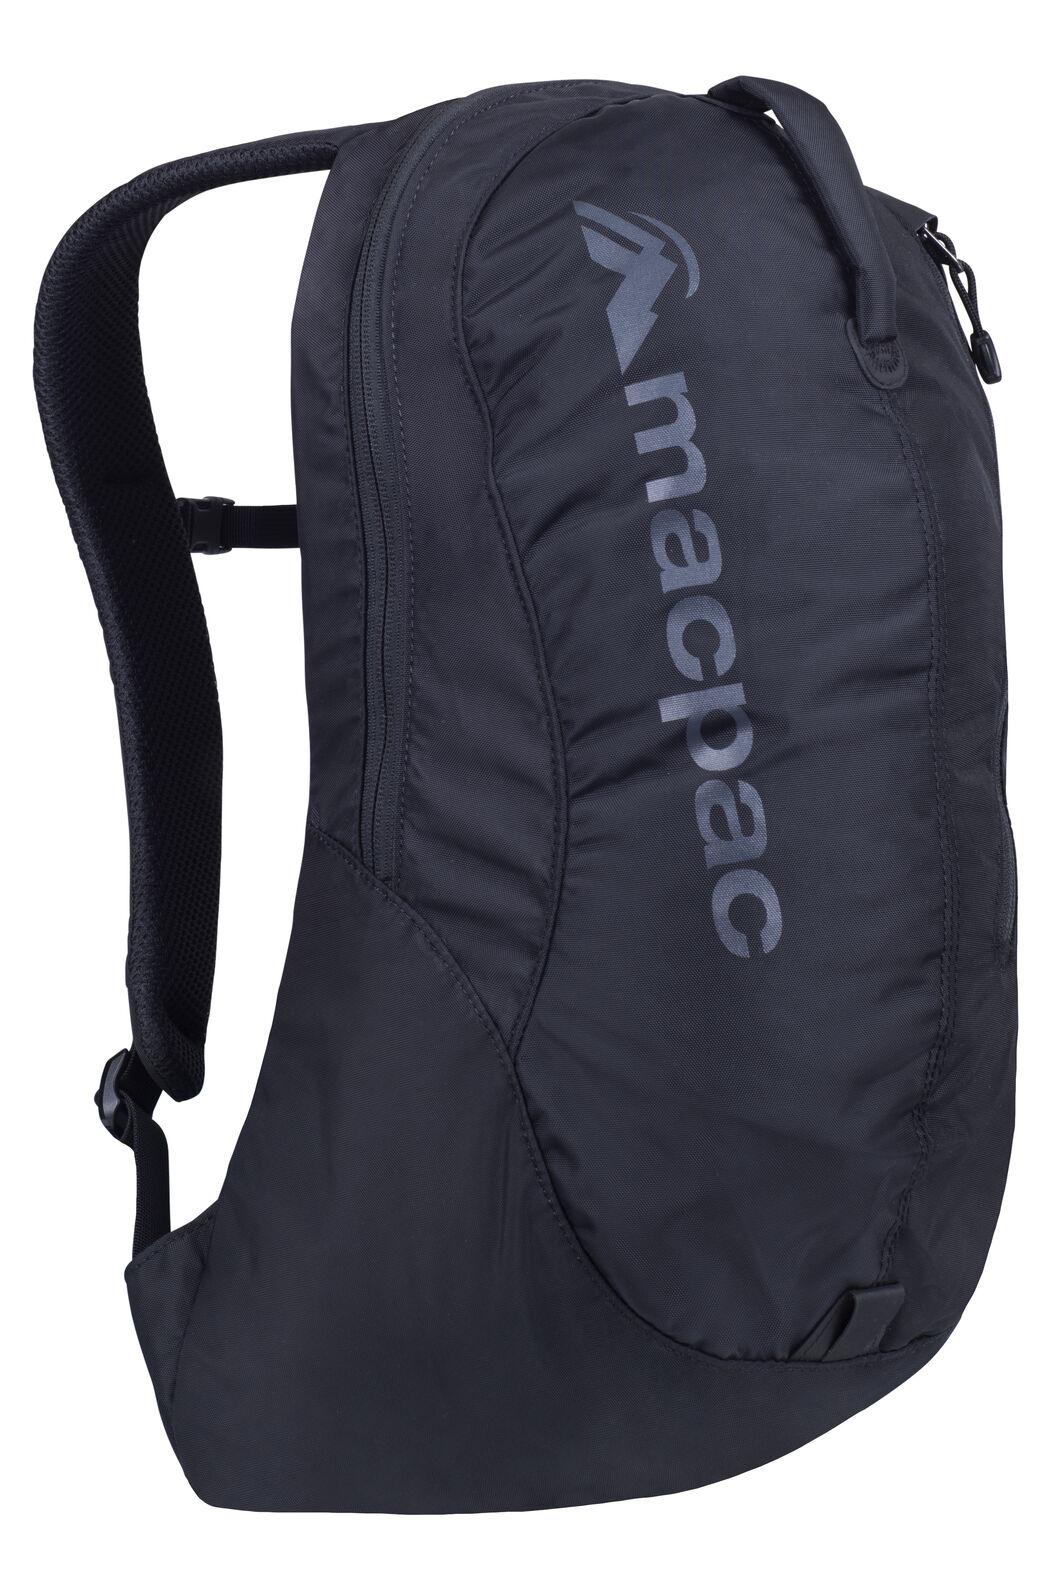 Kahuna 1.1 18L Backpack, Black, hi-res